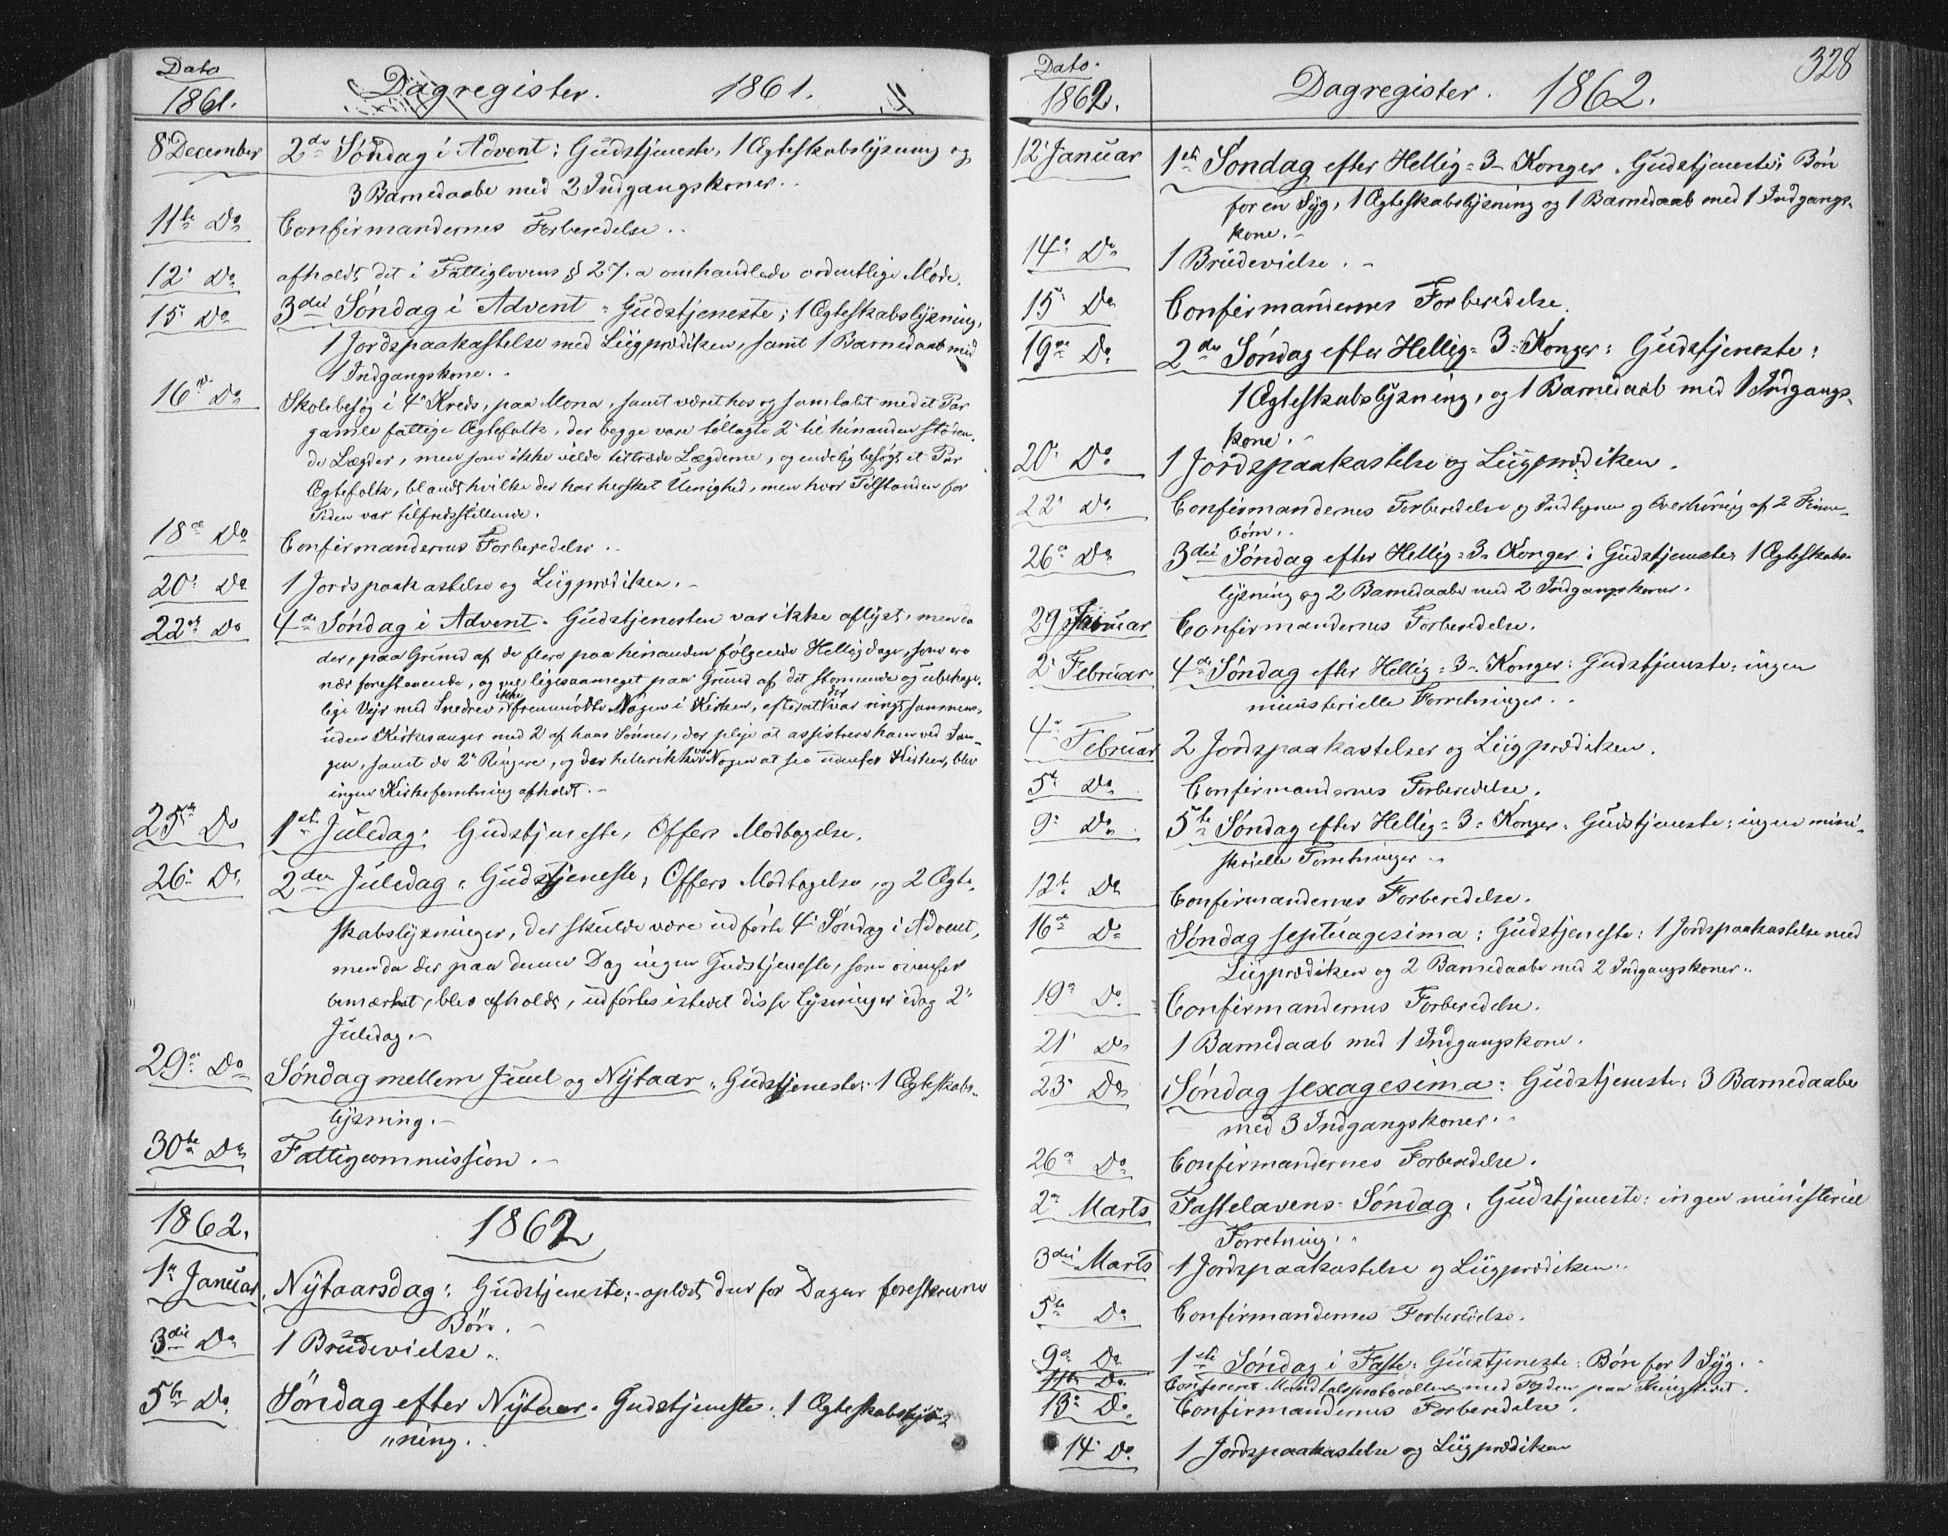 SAT, Ministerialprotokoller, klokkerbøker og fødselsregistre - Nord-Trøndelag, 749/L0472: Ministerialbok nr. 749A06, 1857-1873, s. 328